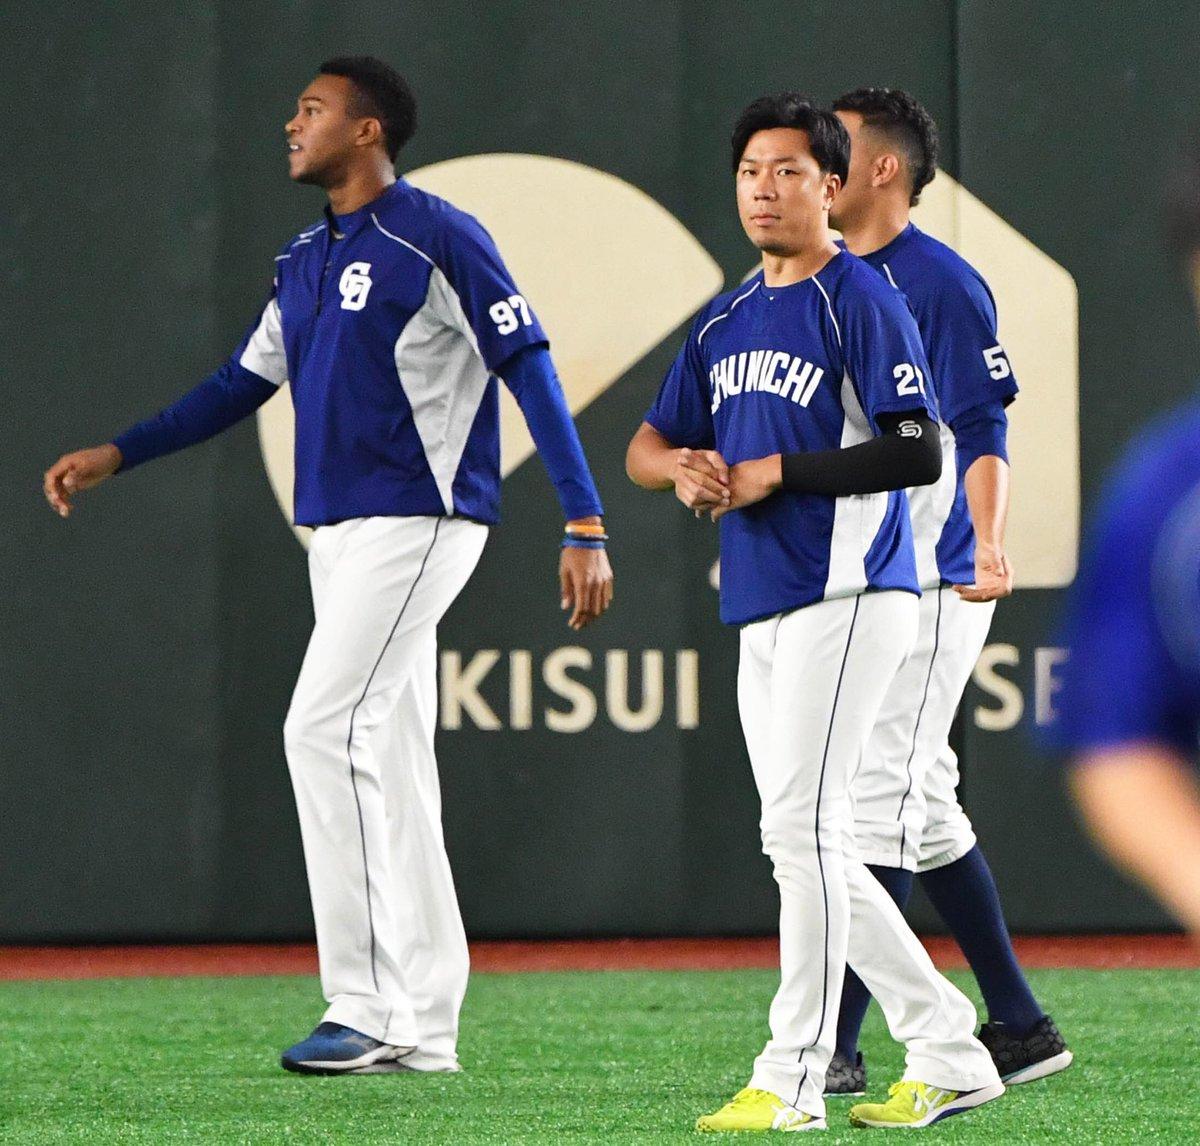 【予告先発】大野雄大が明日16日の巨人戦(東京ドーム)で今季3勝目を狙って先発!3試合連続完投勝利となるか!「チームが勝てるように頑張ります」#中日#大野雄#巨人#東京ドーム